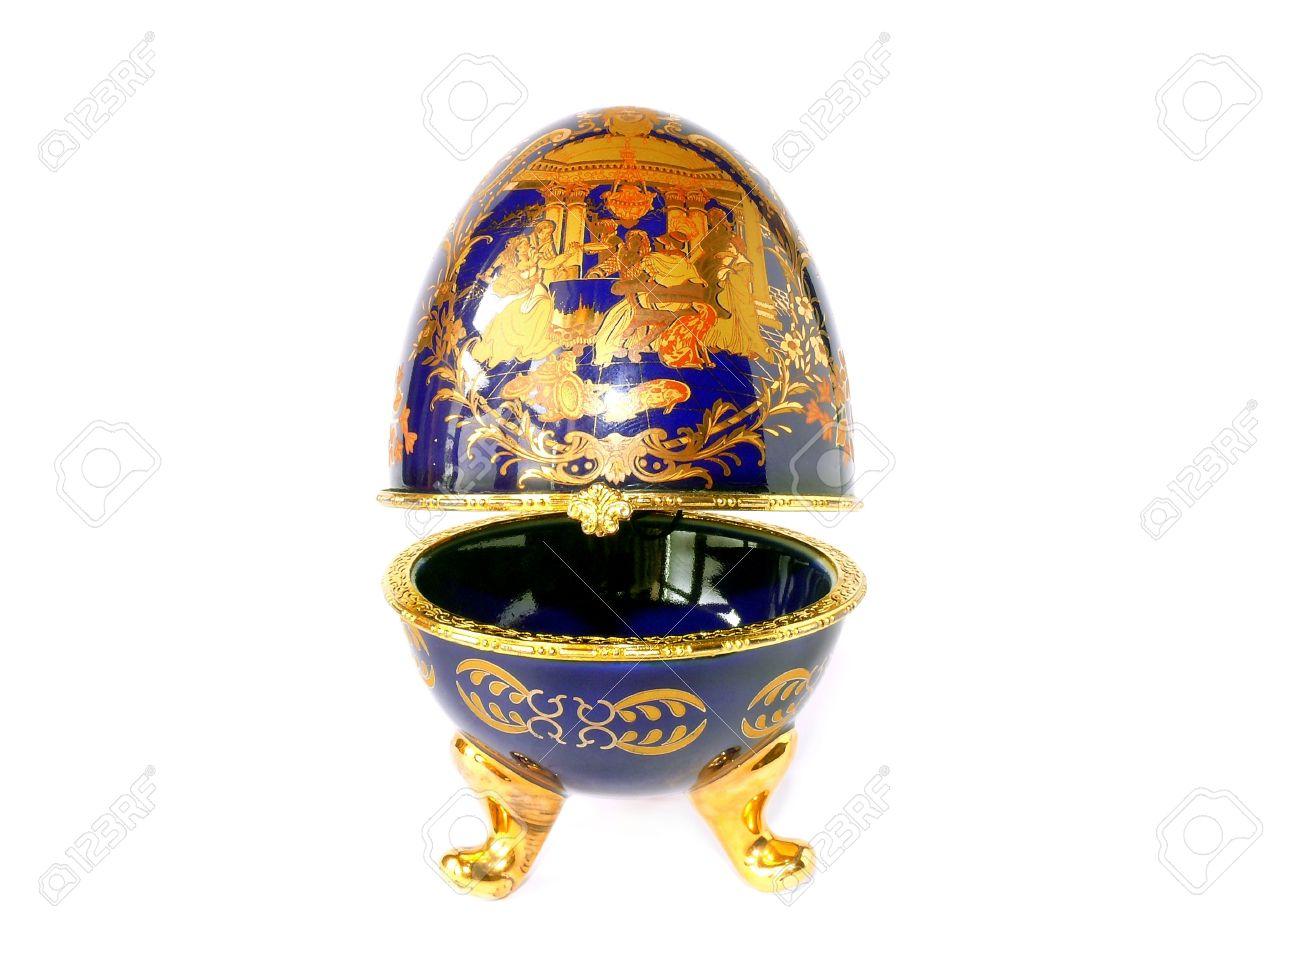 Uova Di Pasqua Ceramica.Uovo Di Pasqua Ceramica Blu Come Le Uova Faberge Con Finitura Dorata Isolato Su Bianco